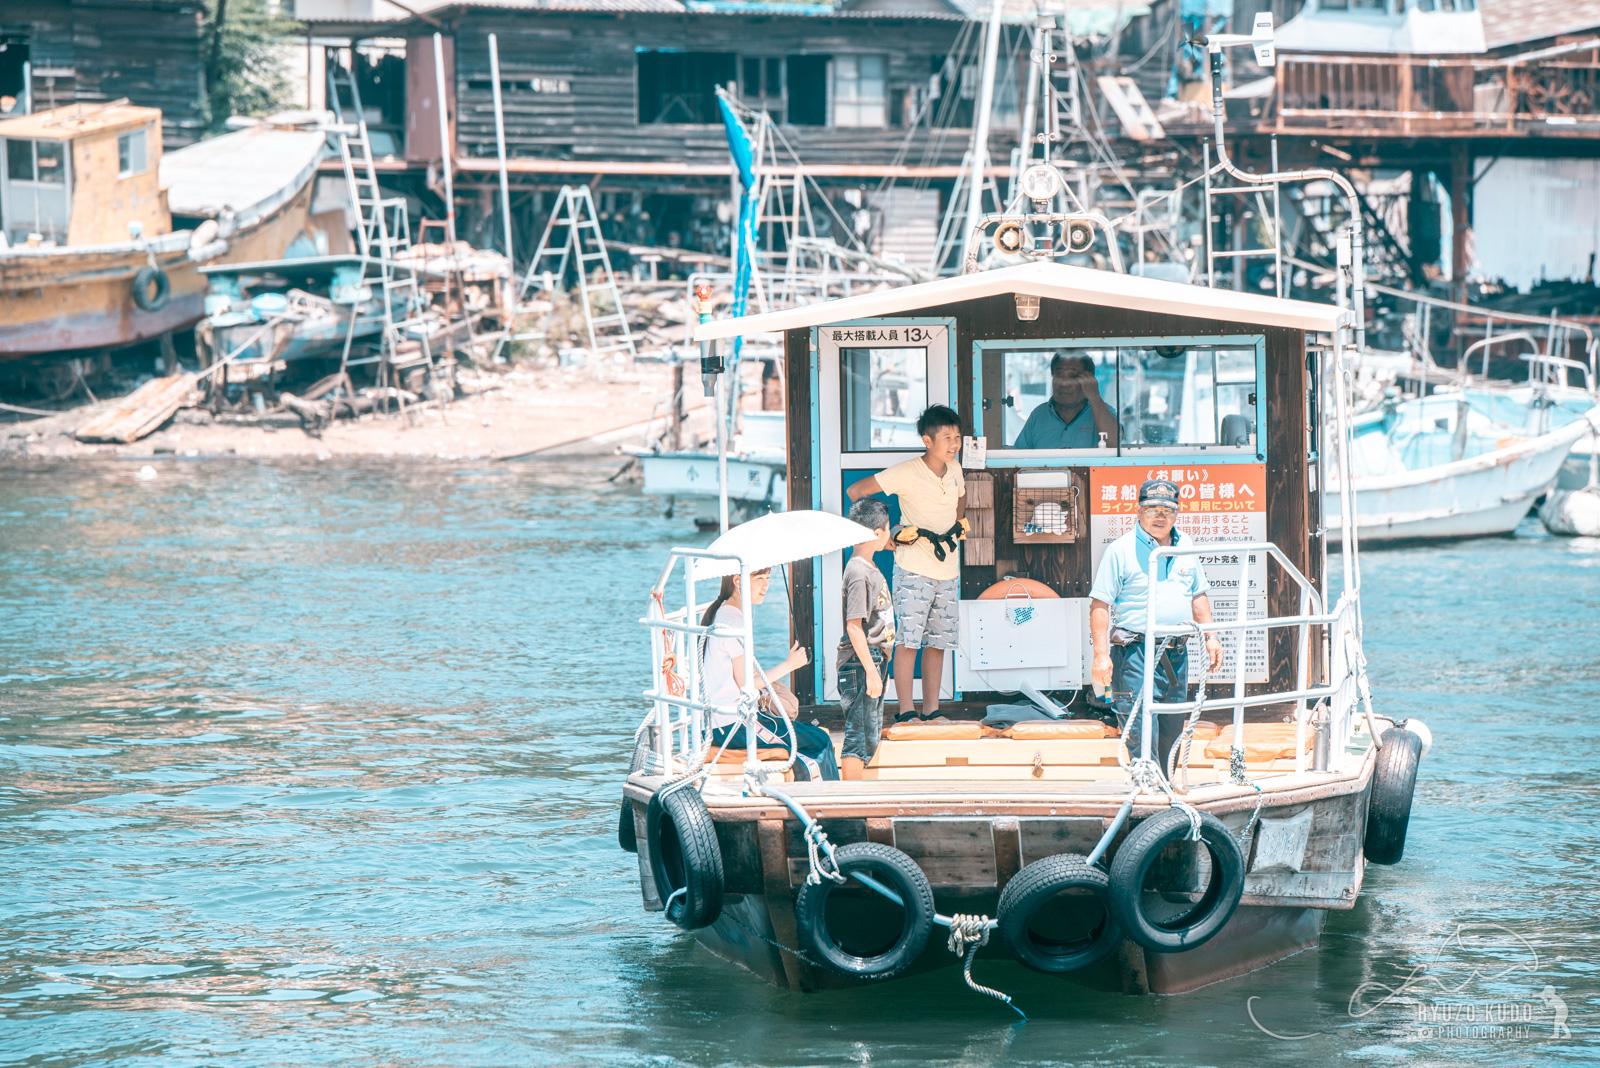 のどかな海路「三津の渡し」、いまだに残る地元民の足